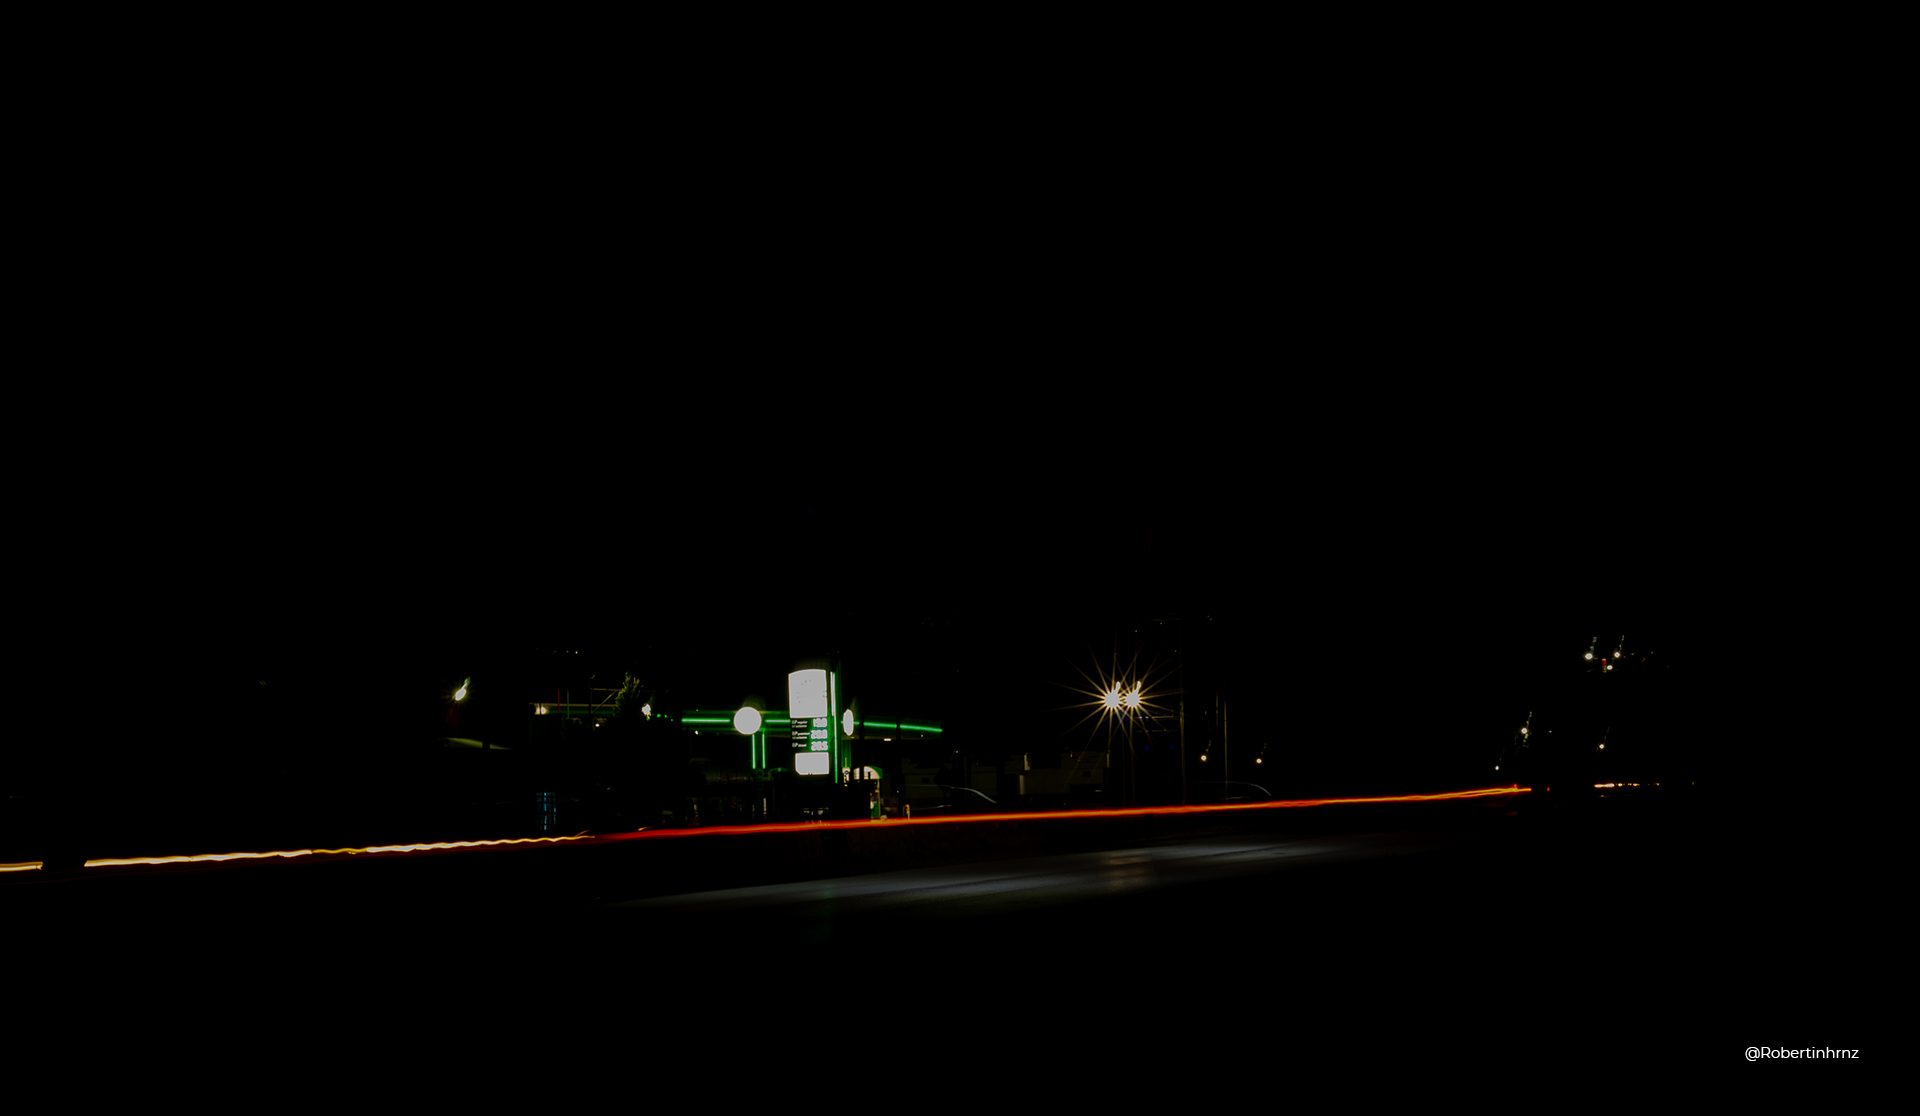 Larga exposición con juego de luces en autopista.